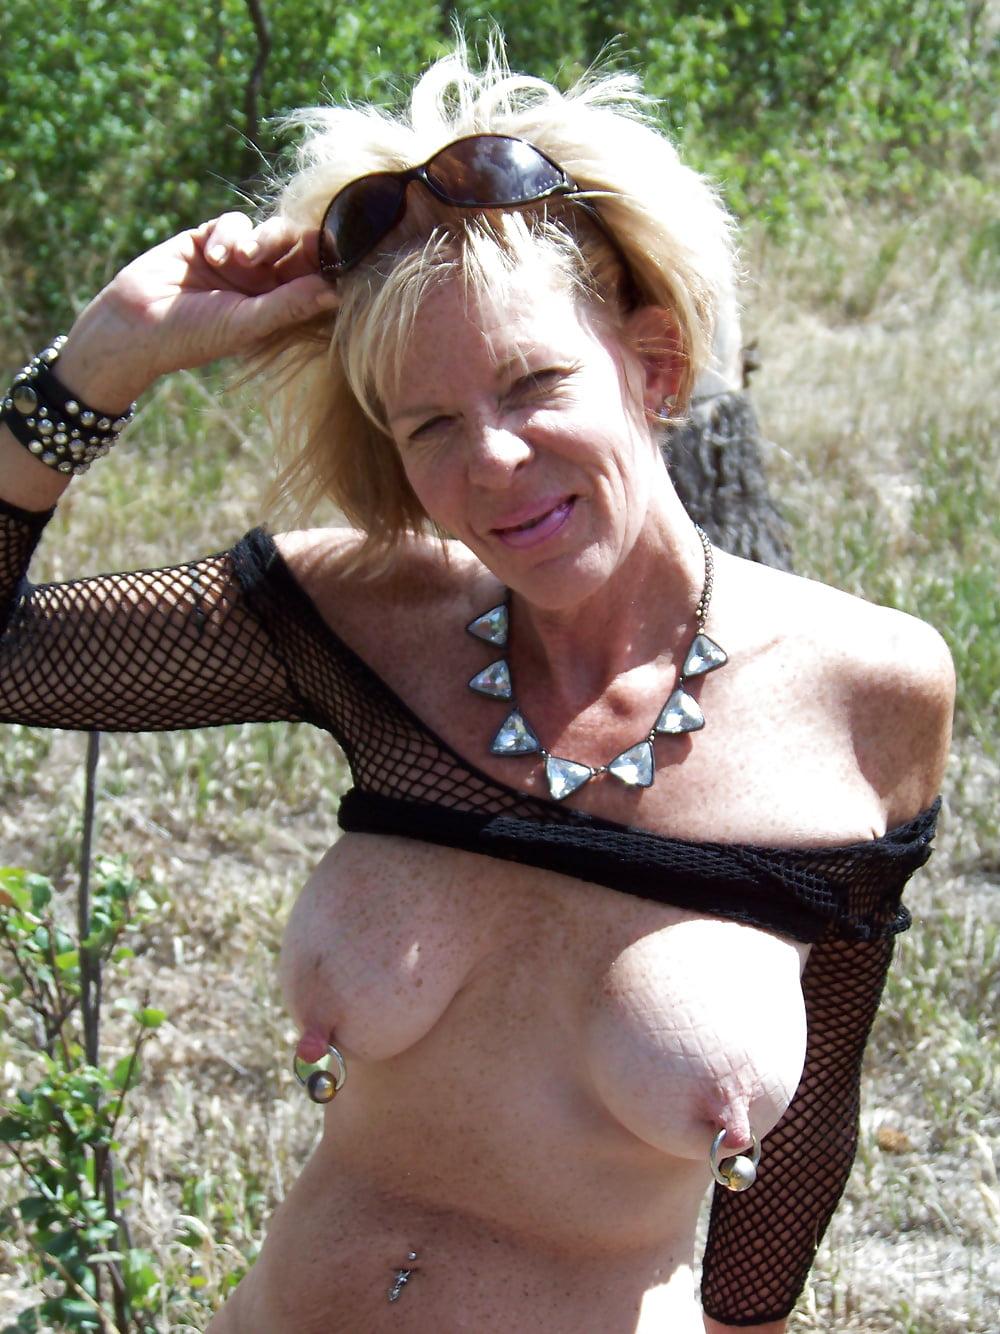 Bbw with pierced tits